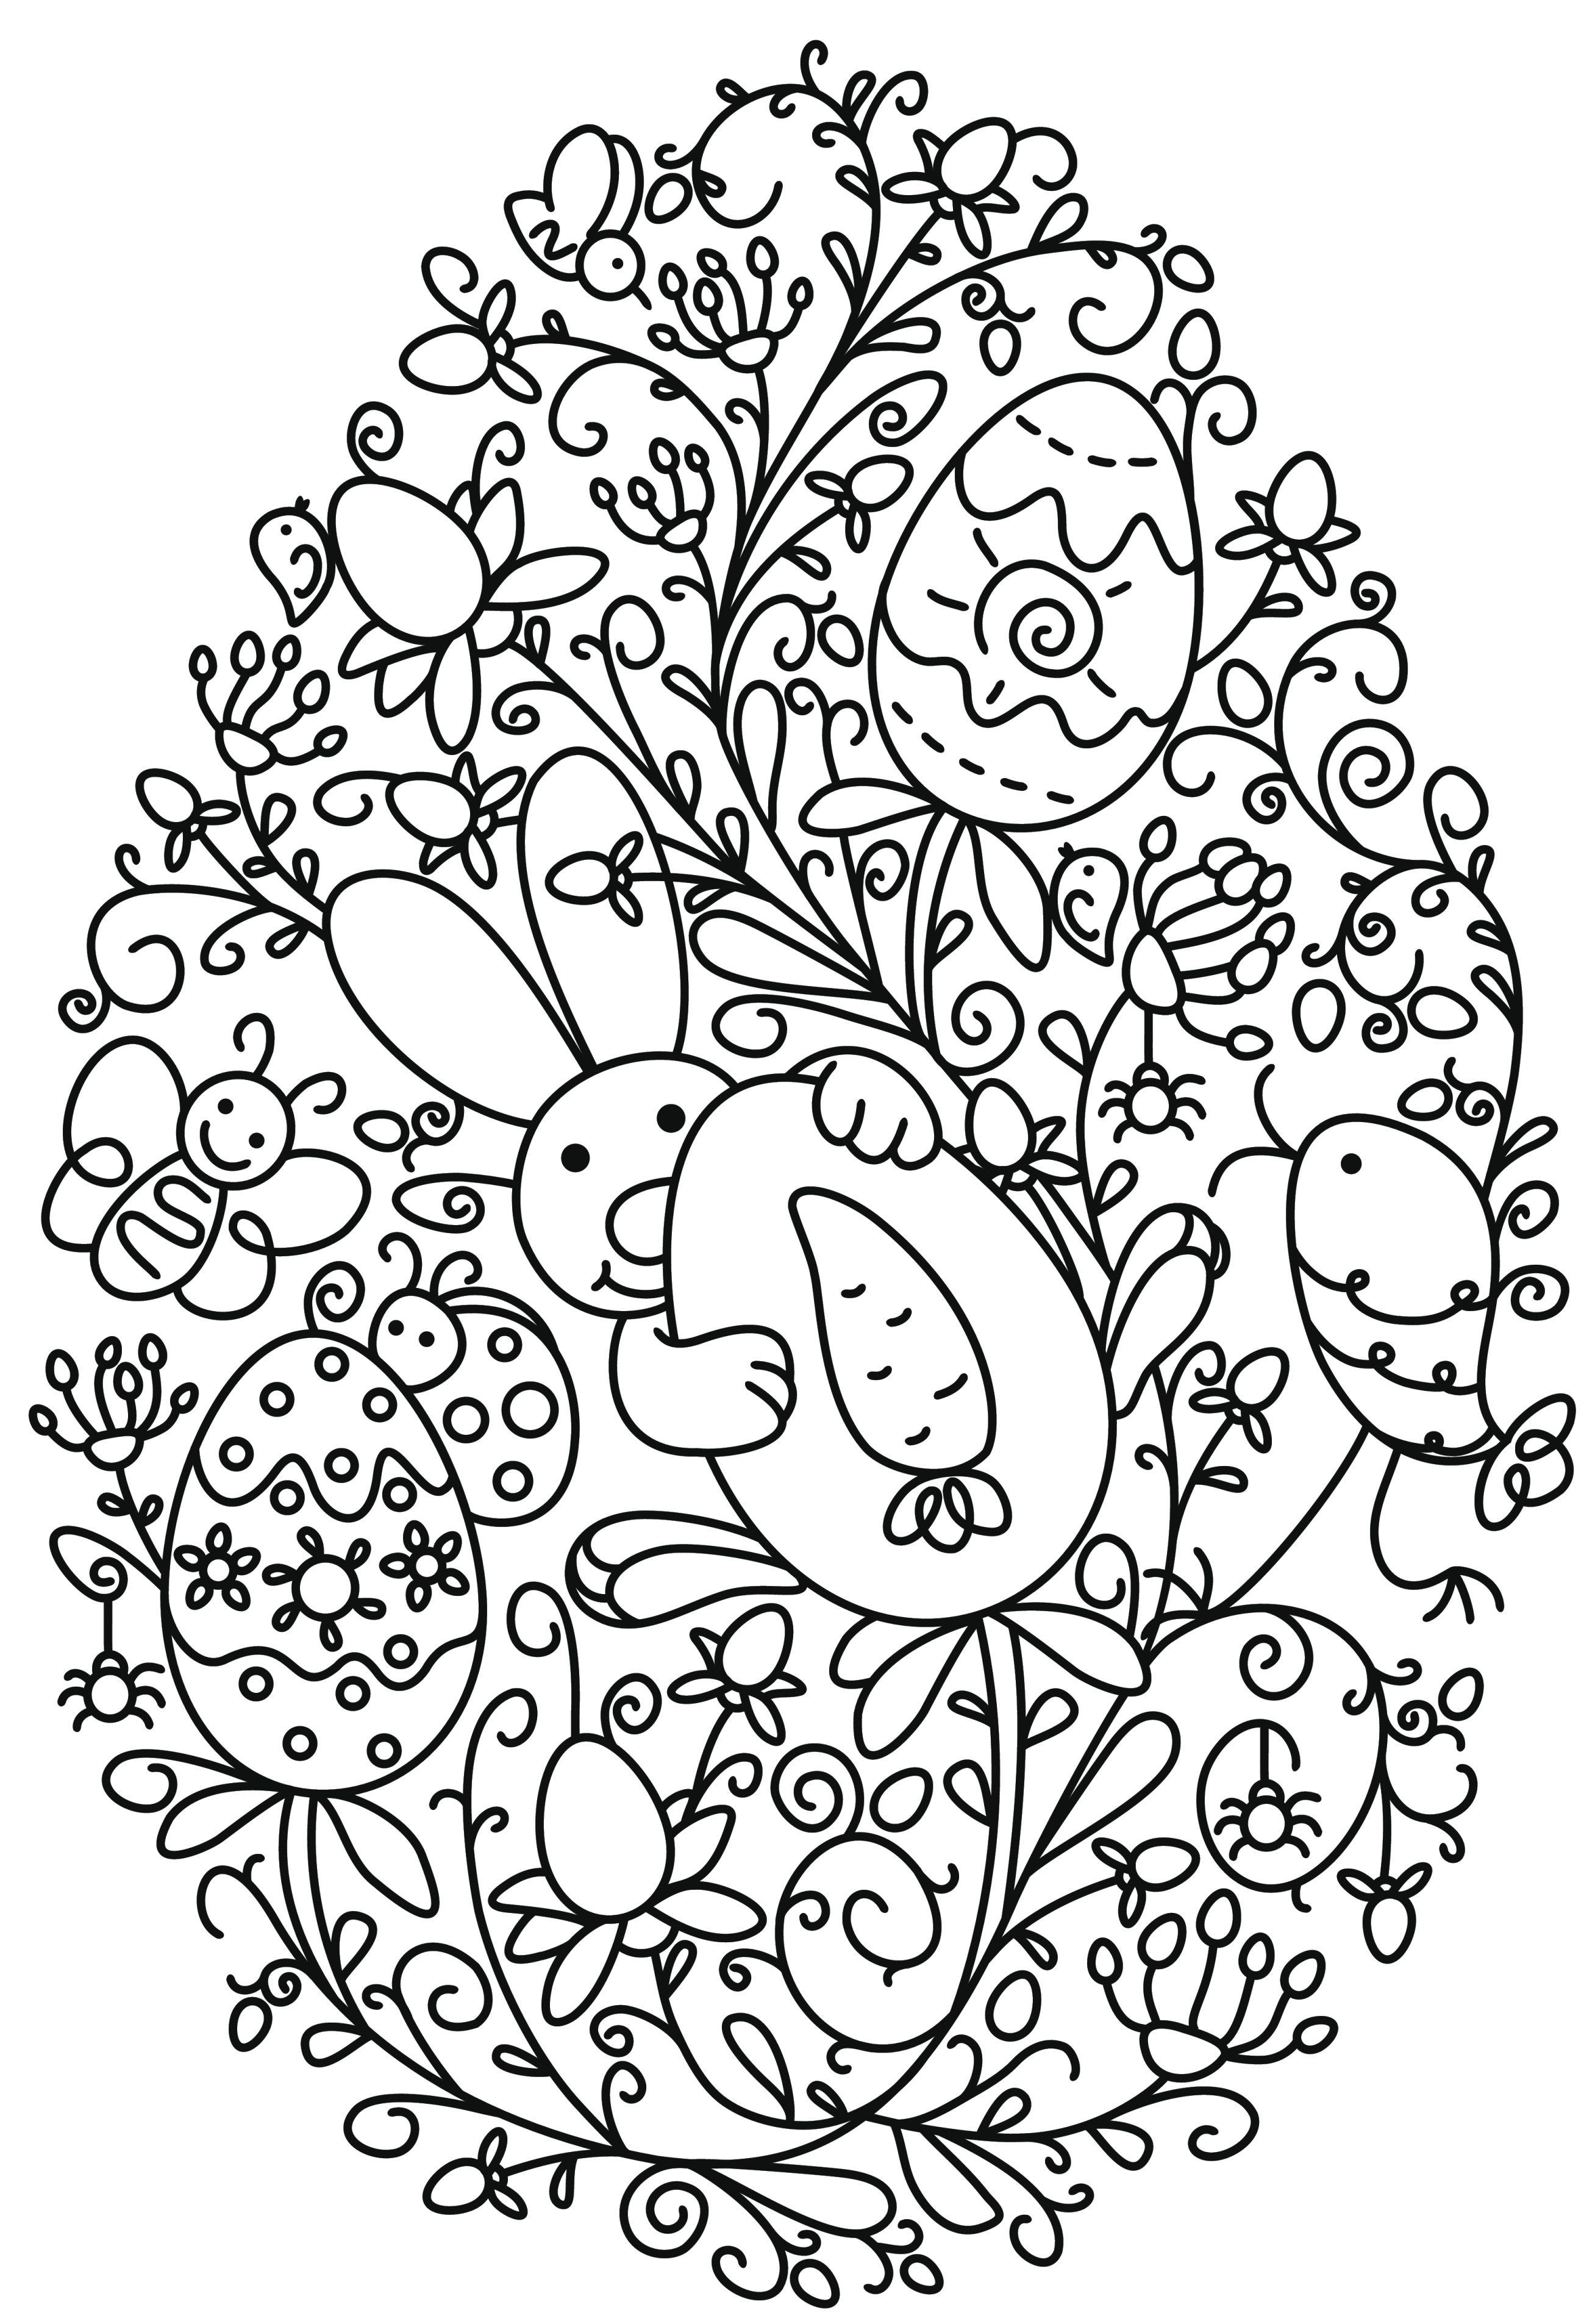 Pin von Loulaly M auf DIY Pâques | Pinterest | Ostern, Ausmalbilder ...